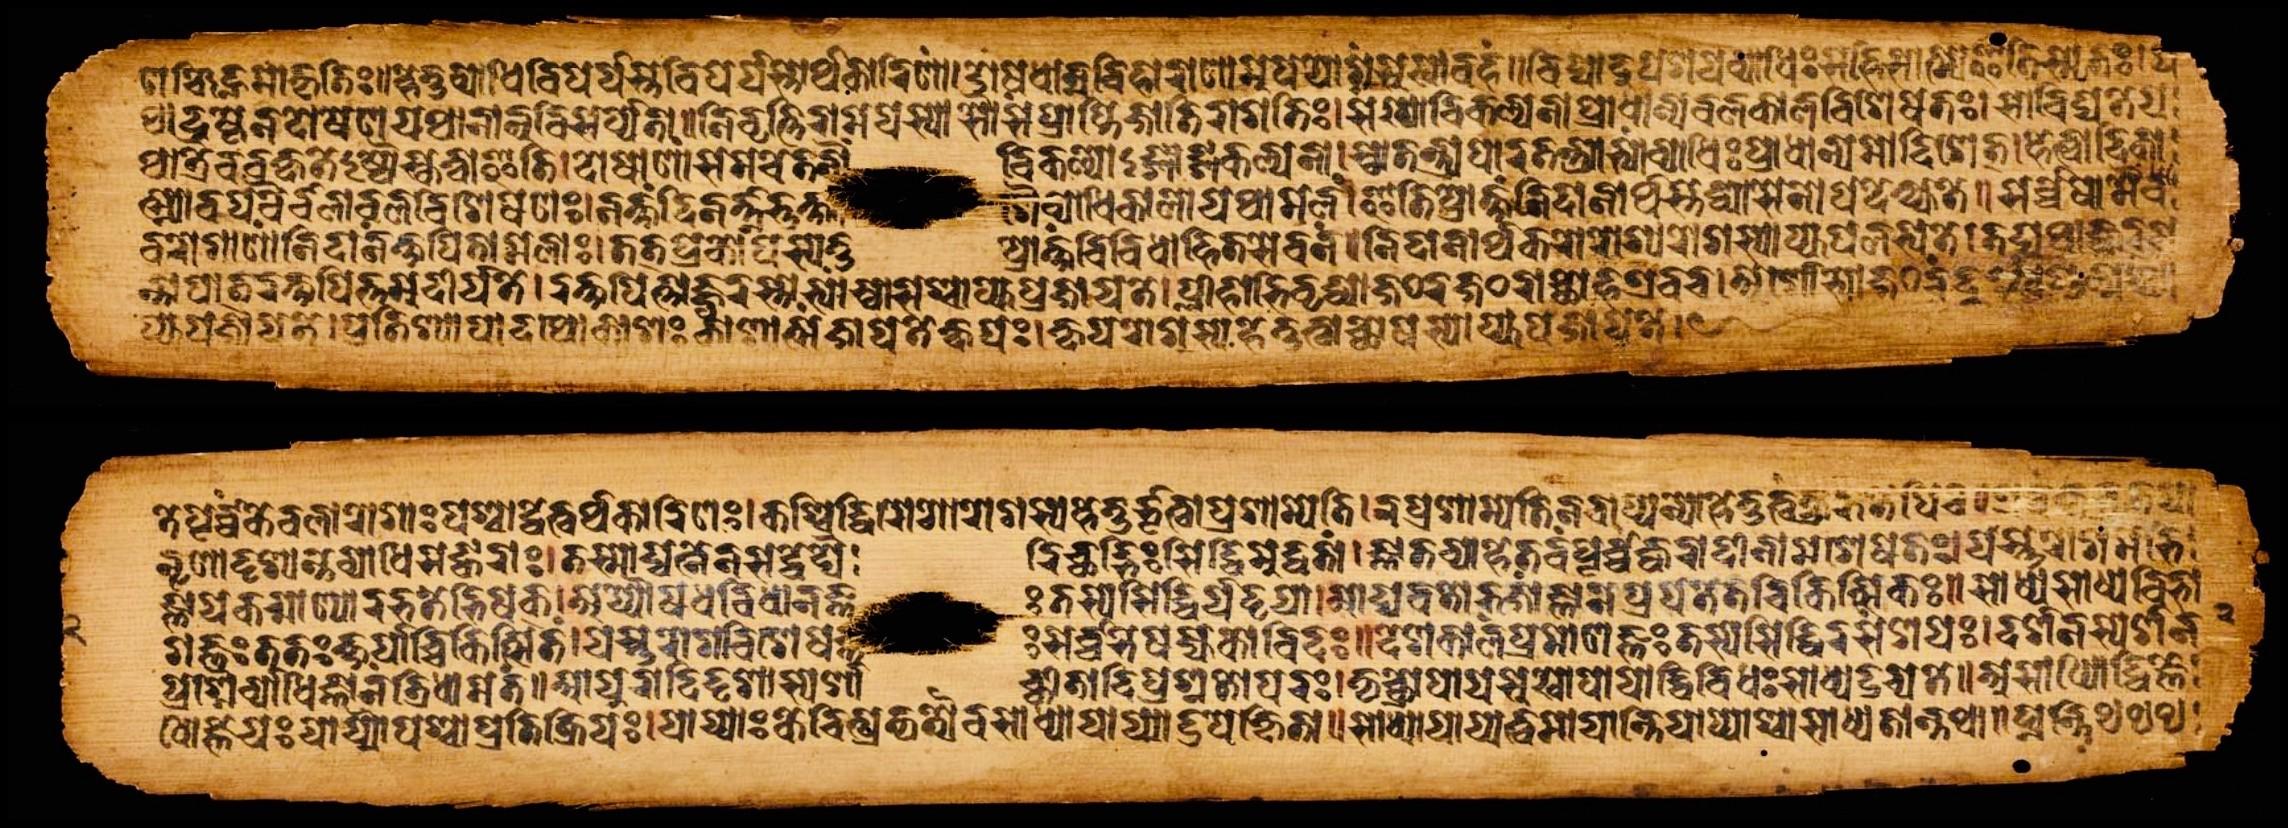 Script of Arthashastra